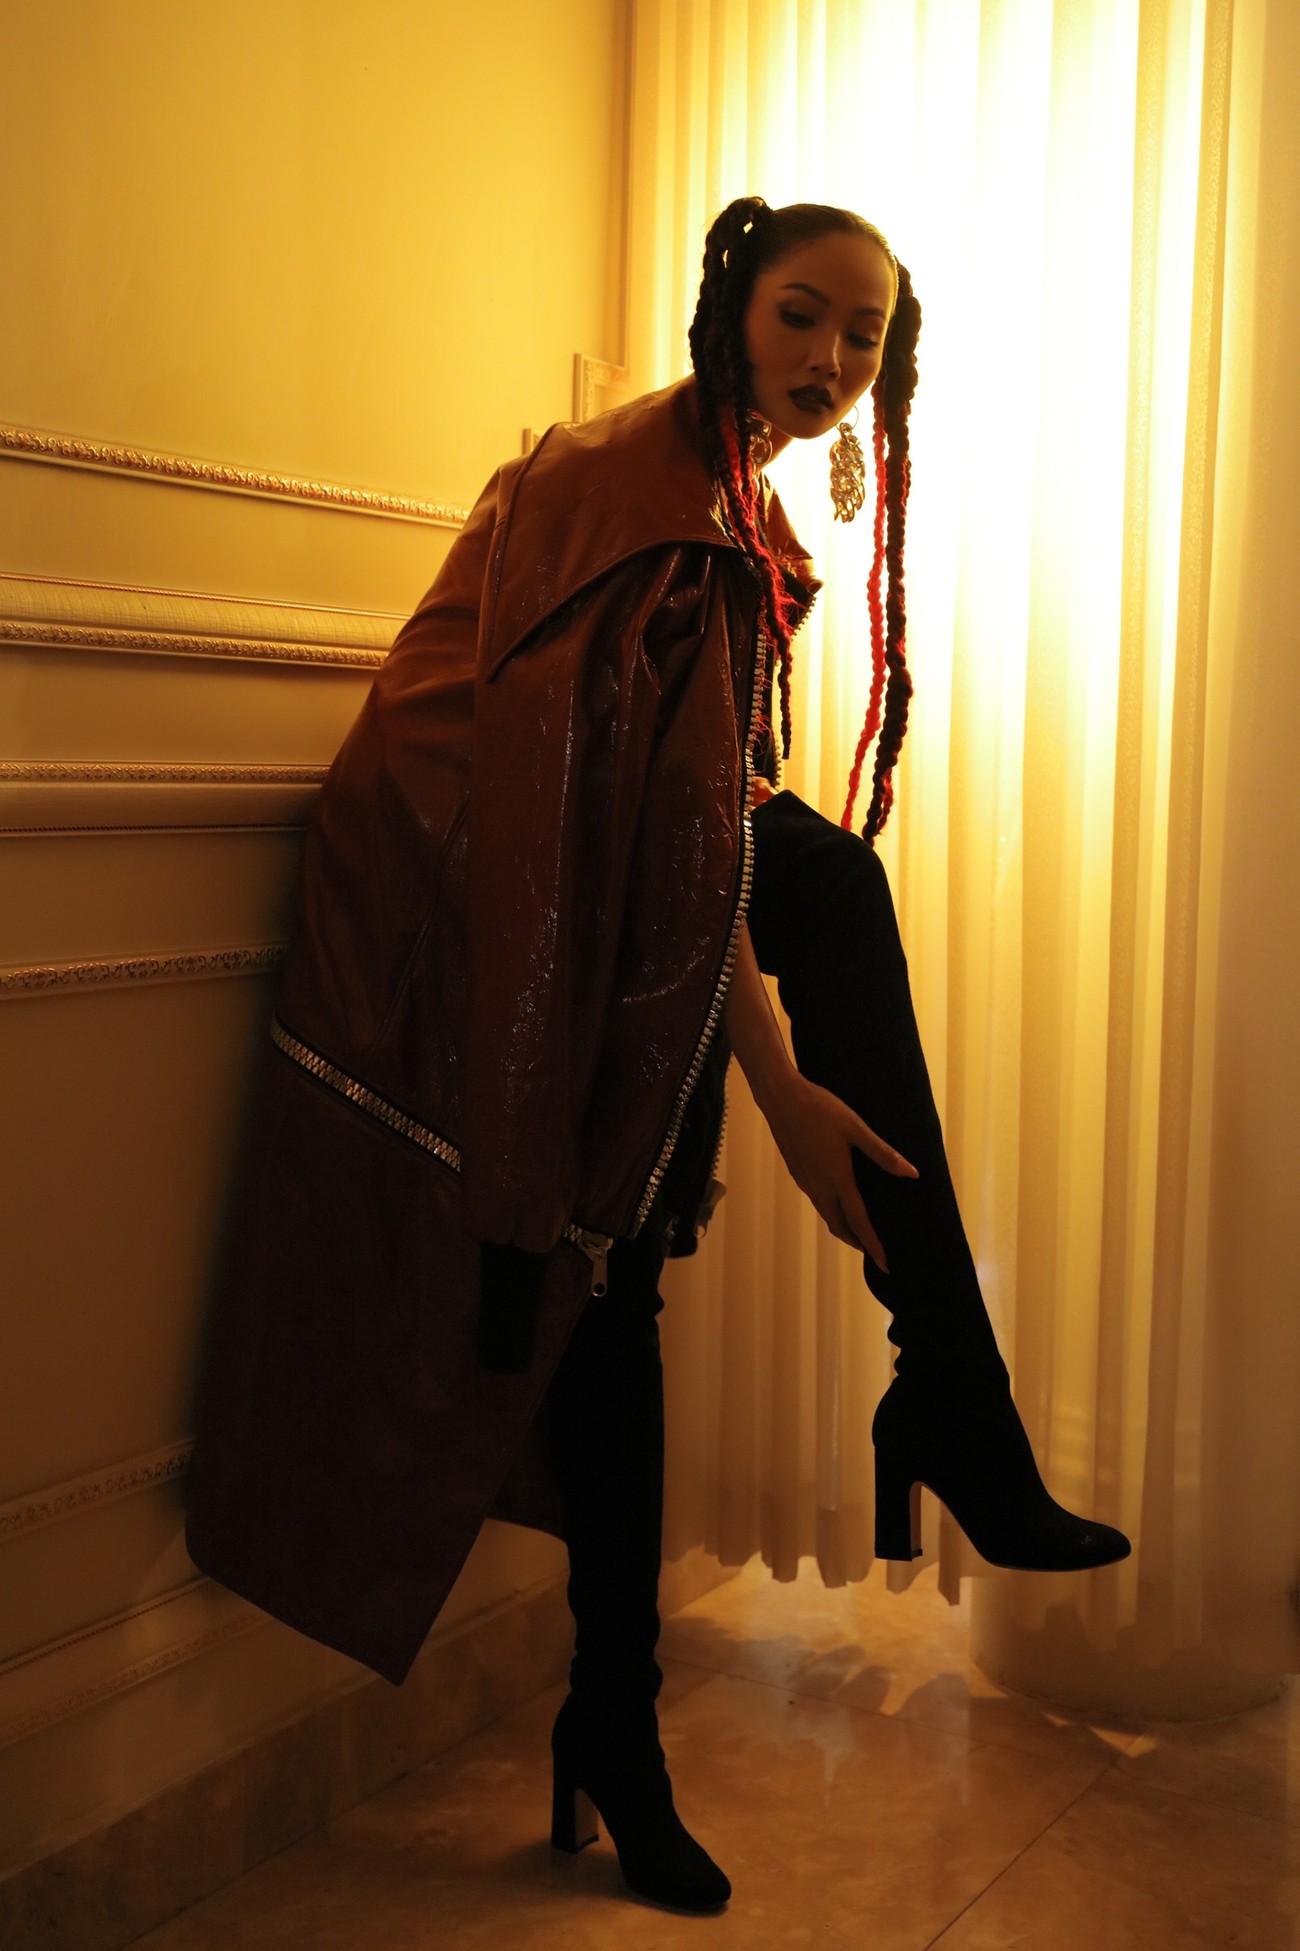 H'Hen Niê tái xuất với phong cách đường phố, mặc áo crop-top khoe hình thể nóng bỏng ảnh 10